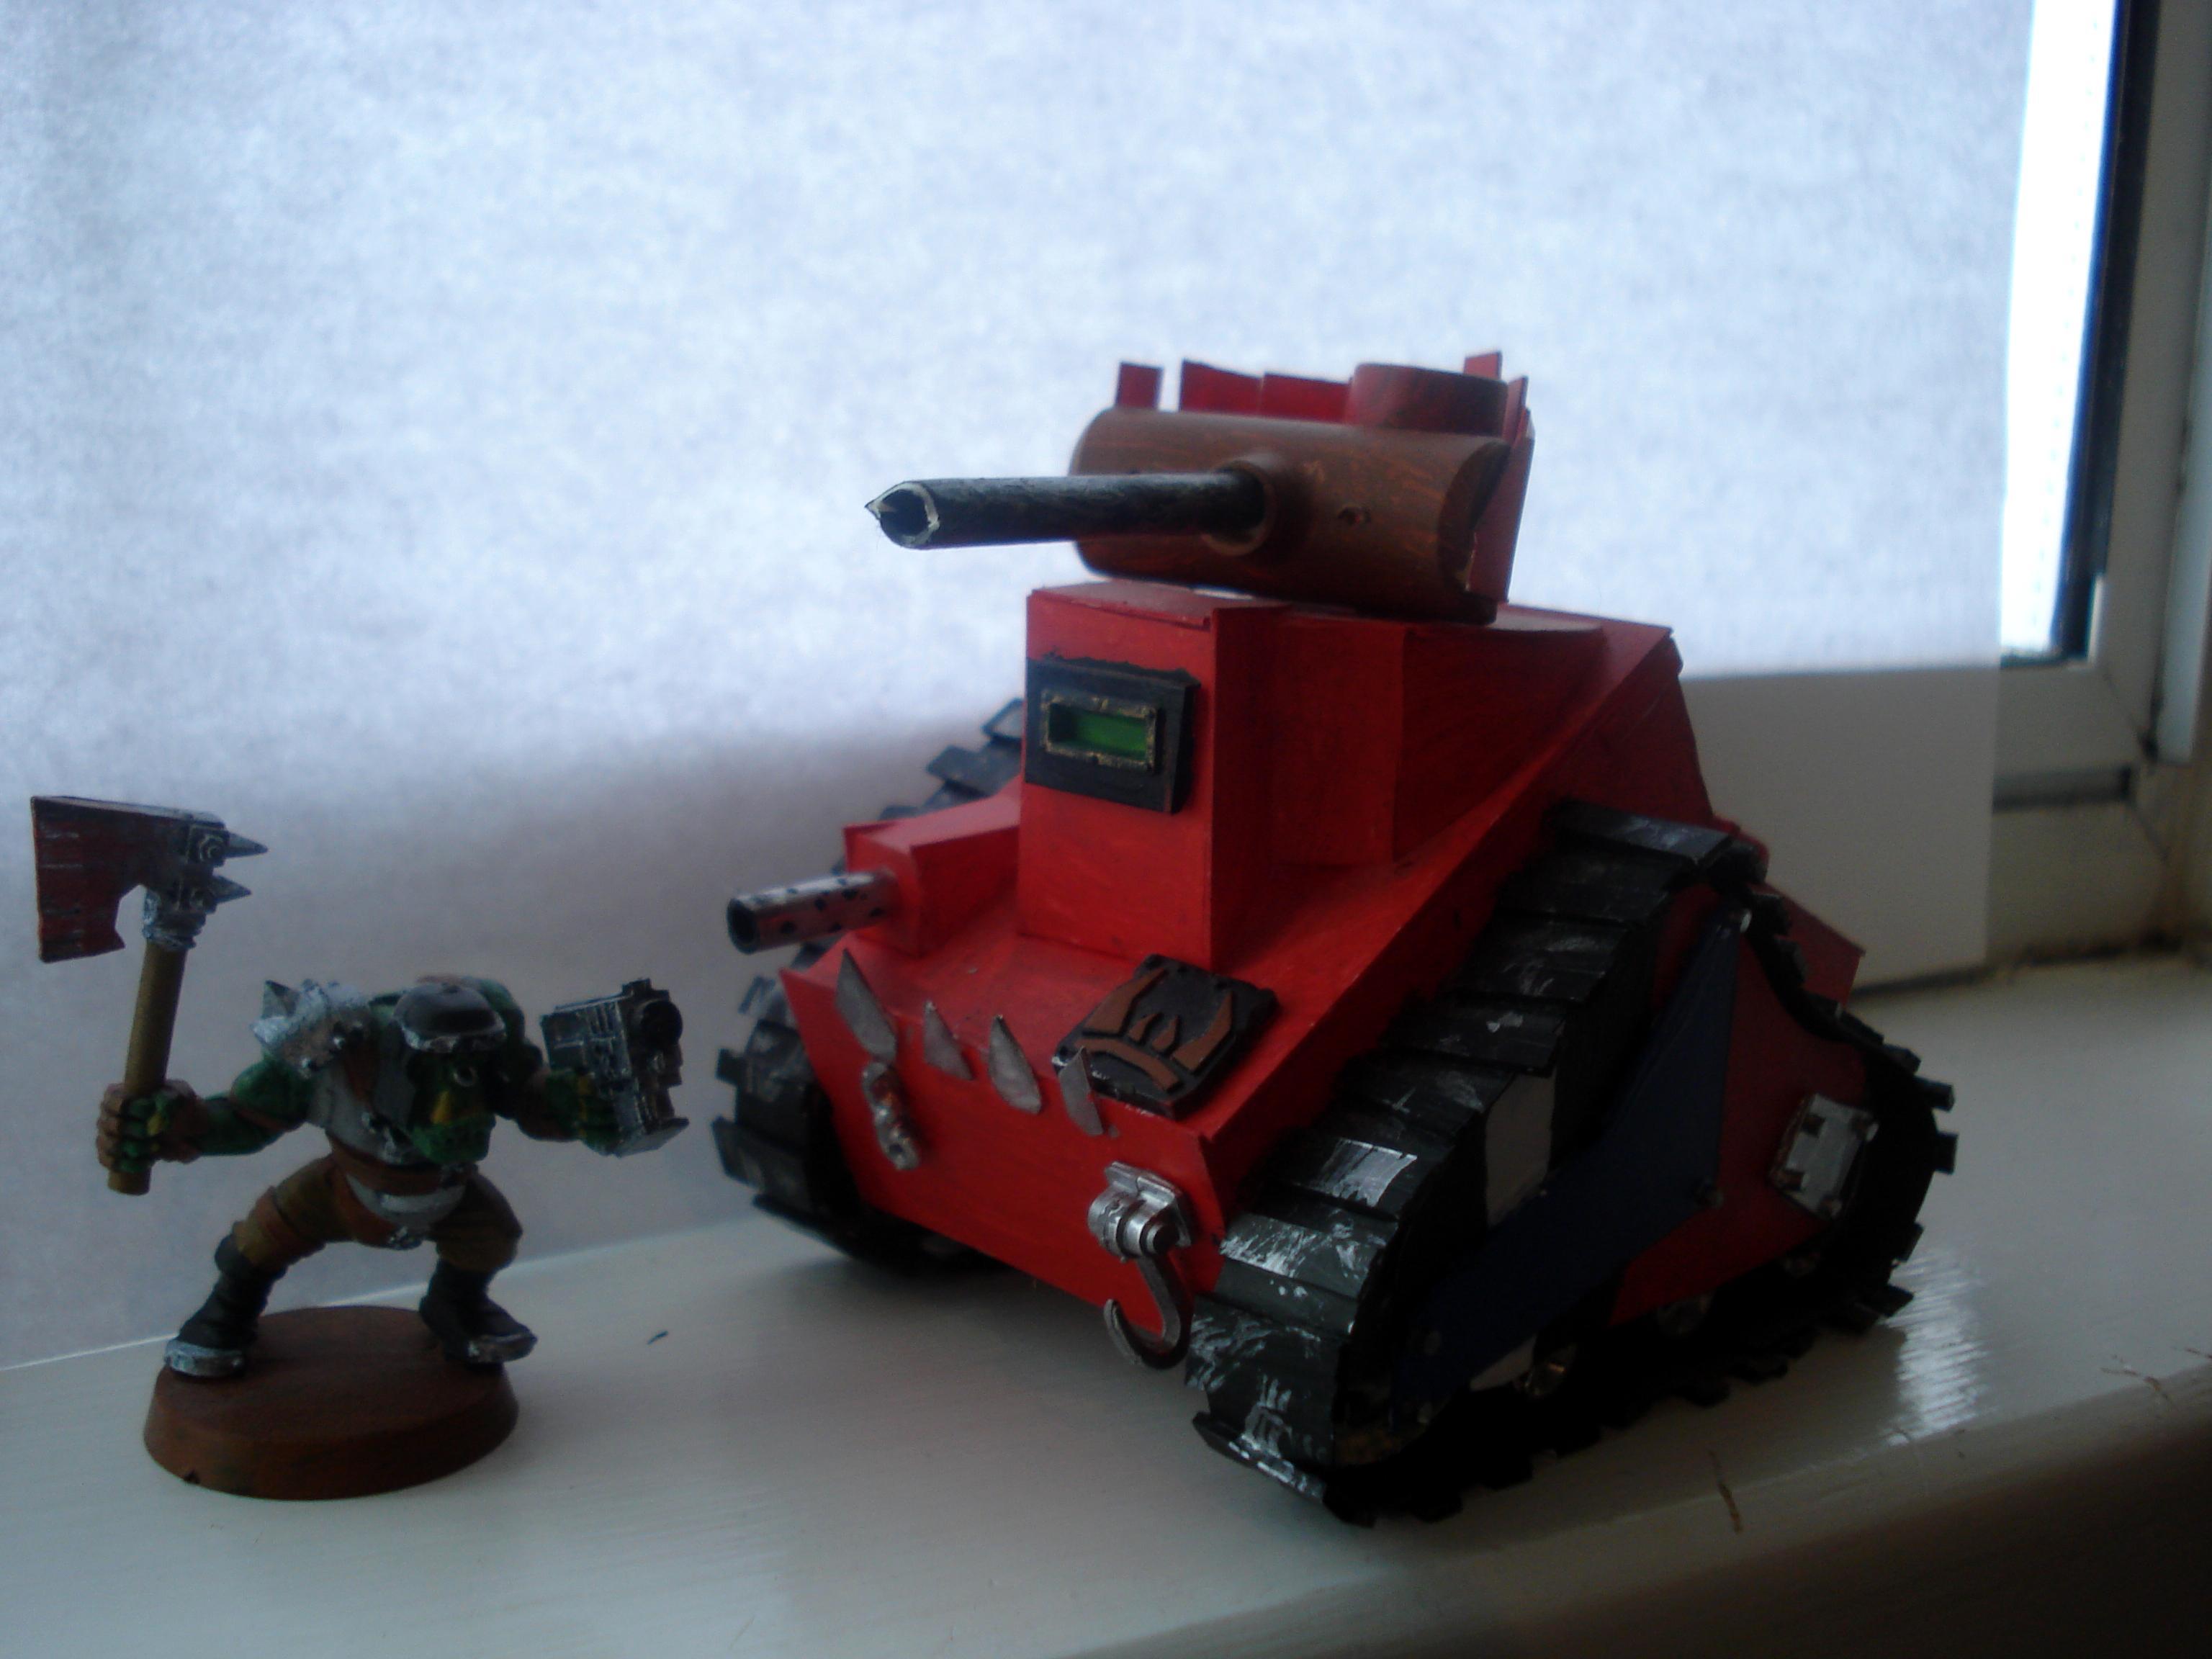 Grot Tank, Grots, Ork Tanks, Orks